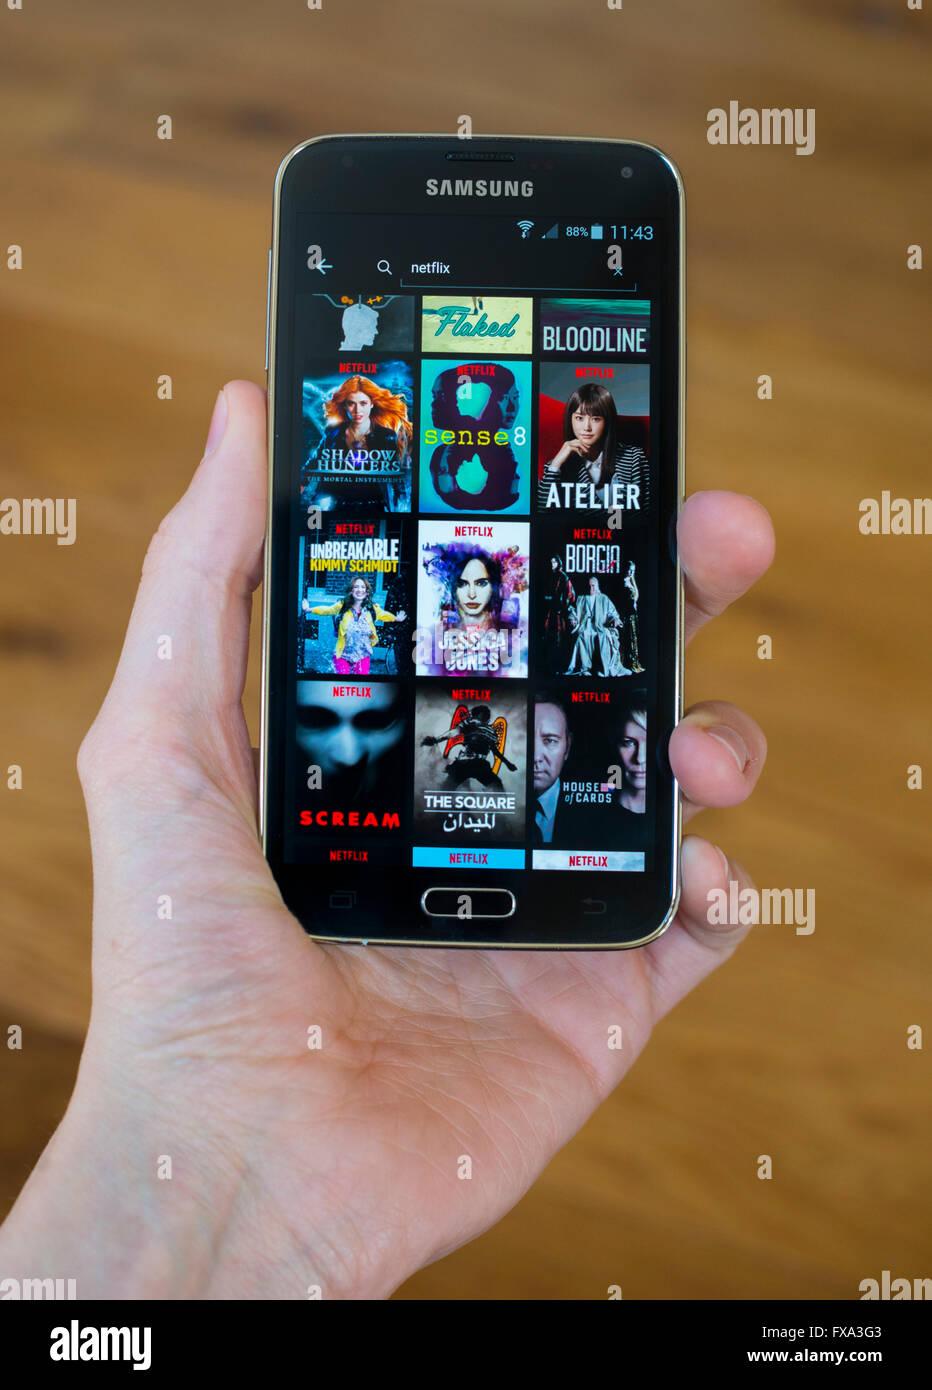 Une main tenant un téléphone Samsung avec l'app Netlfix ouvrir, montrant le contenu Netflix original. Photo Stock